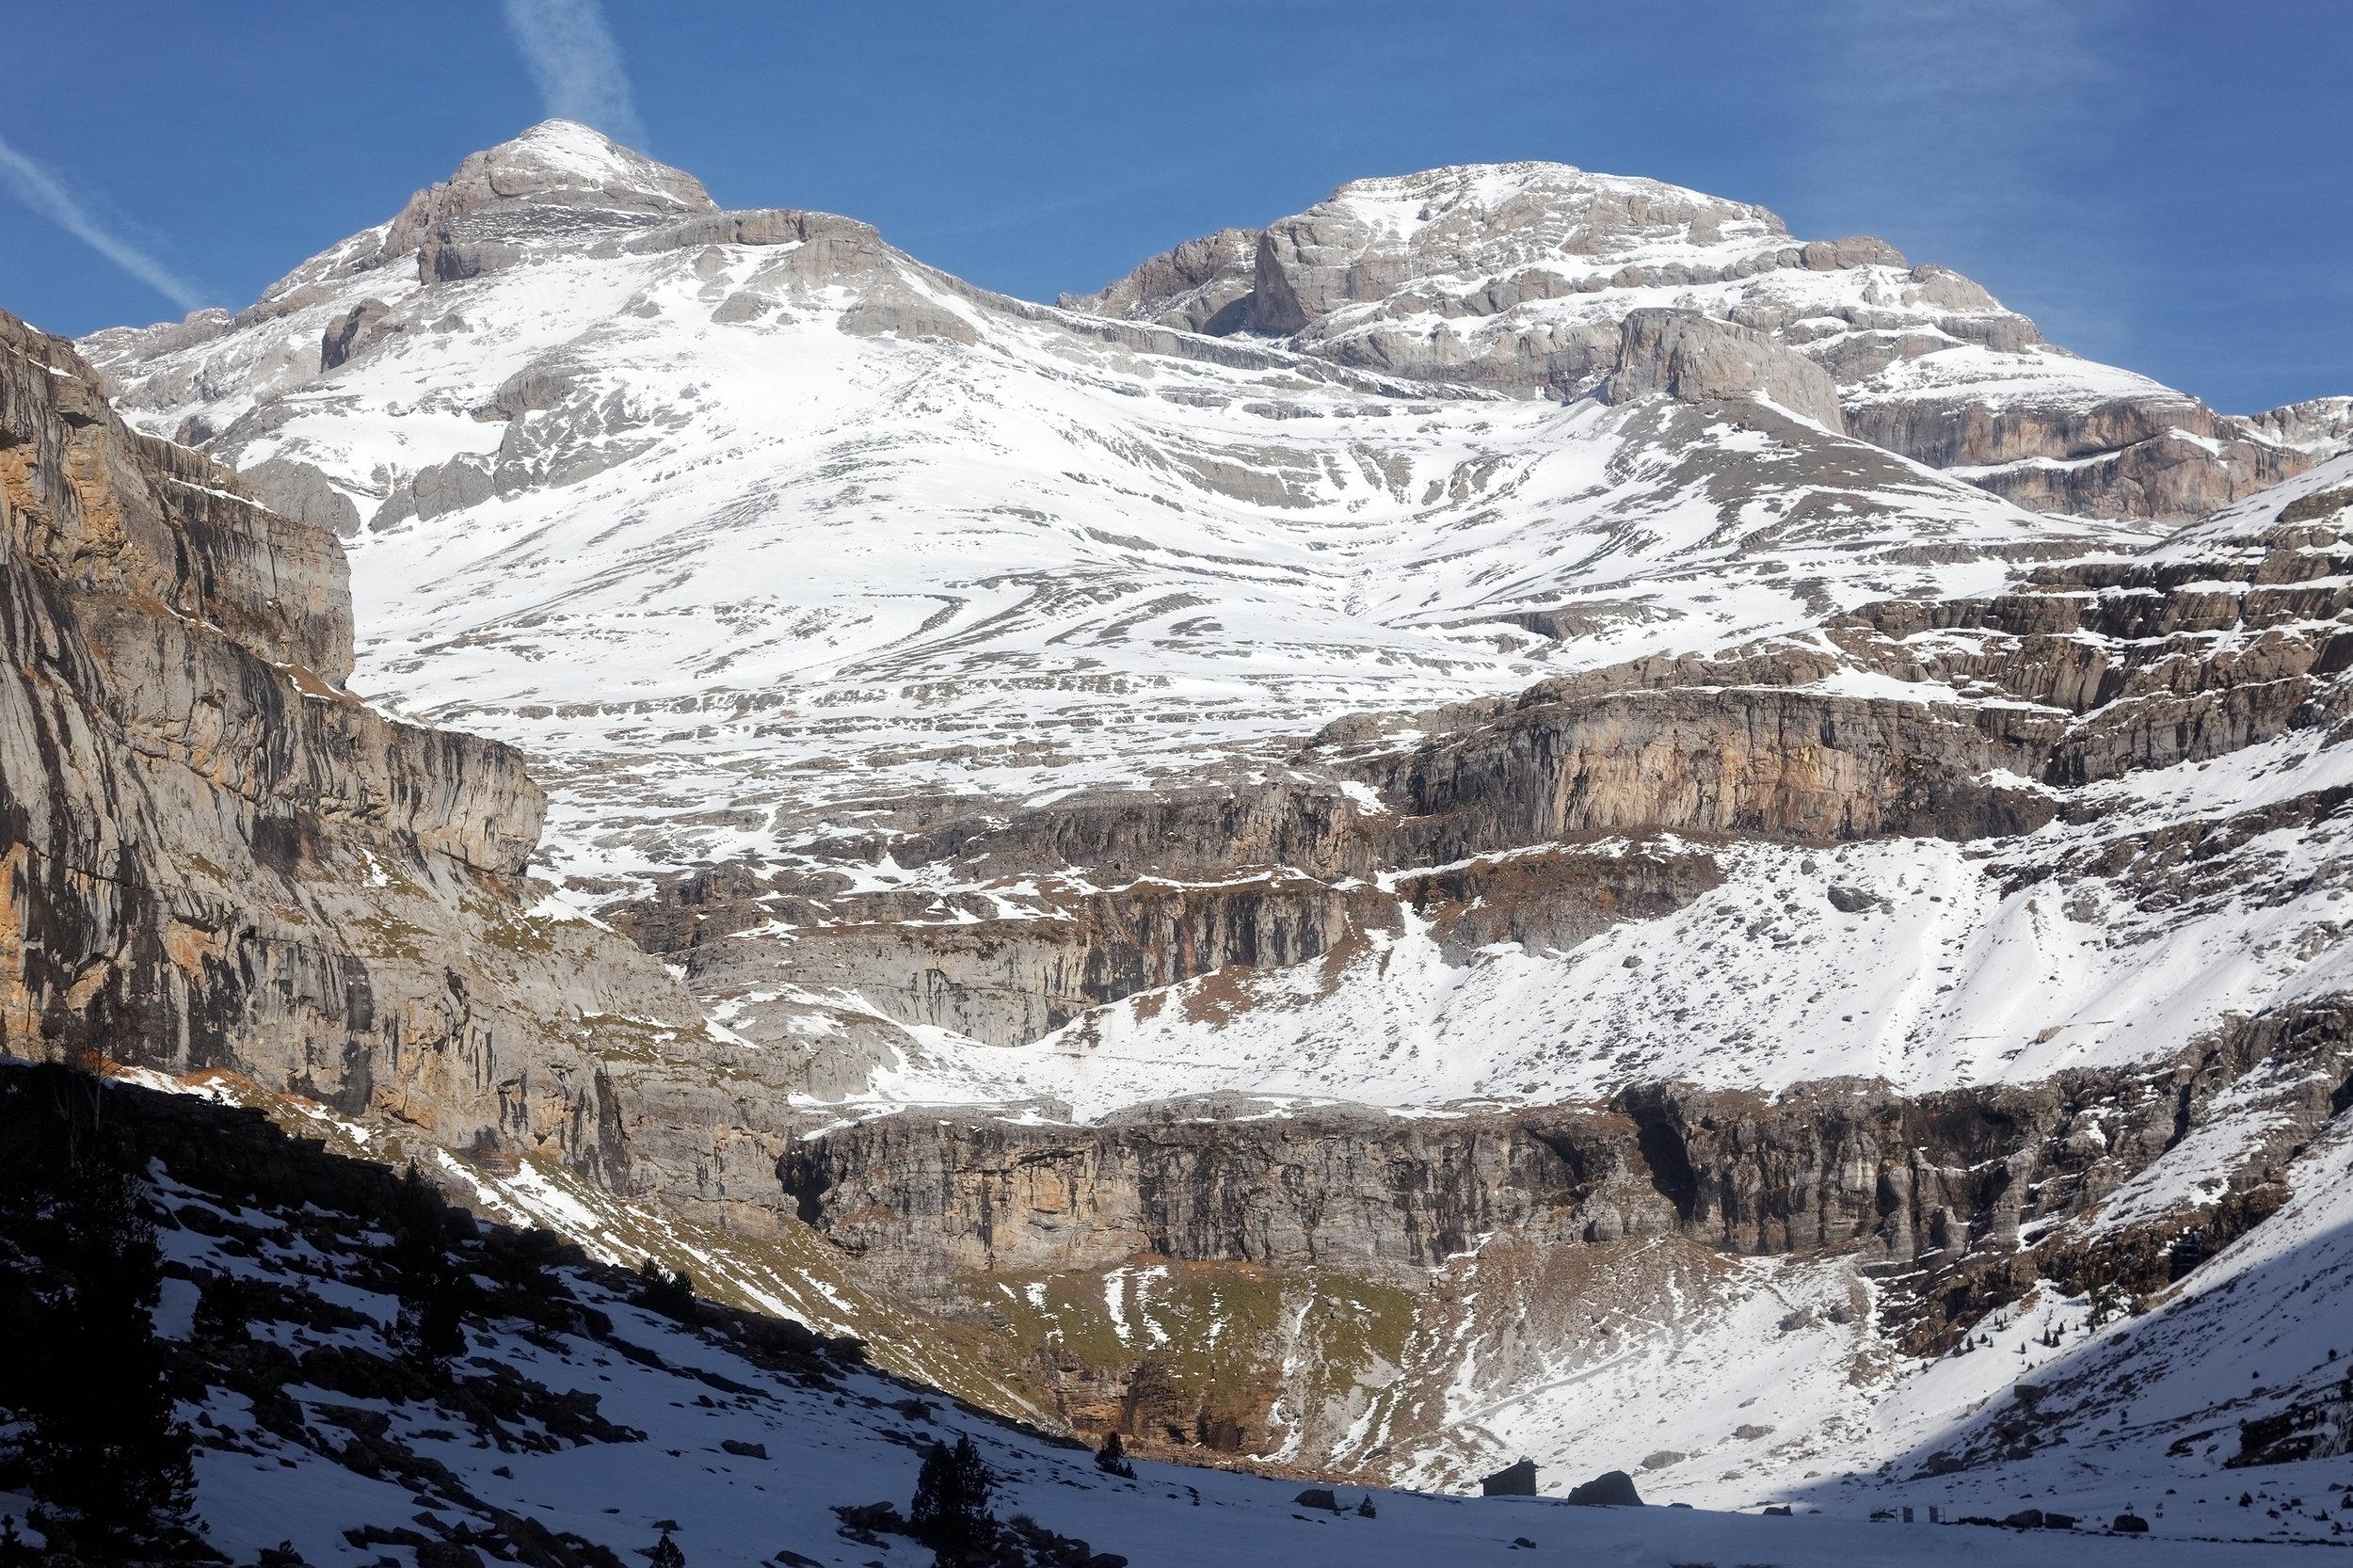 La vallée d'Ordesa, et le Mont Perdu en haut à gauche qui culmine à 3355 mètres d'altitude.